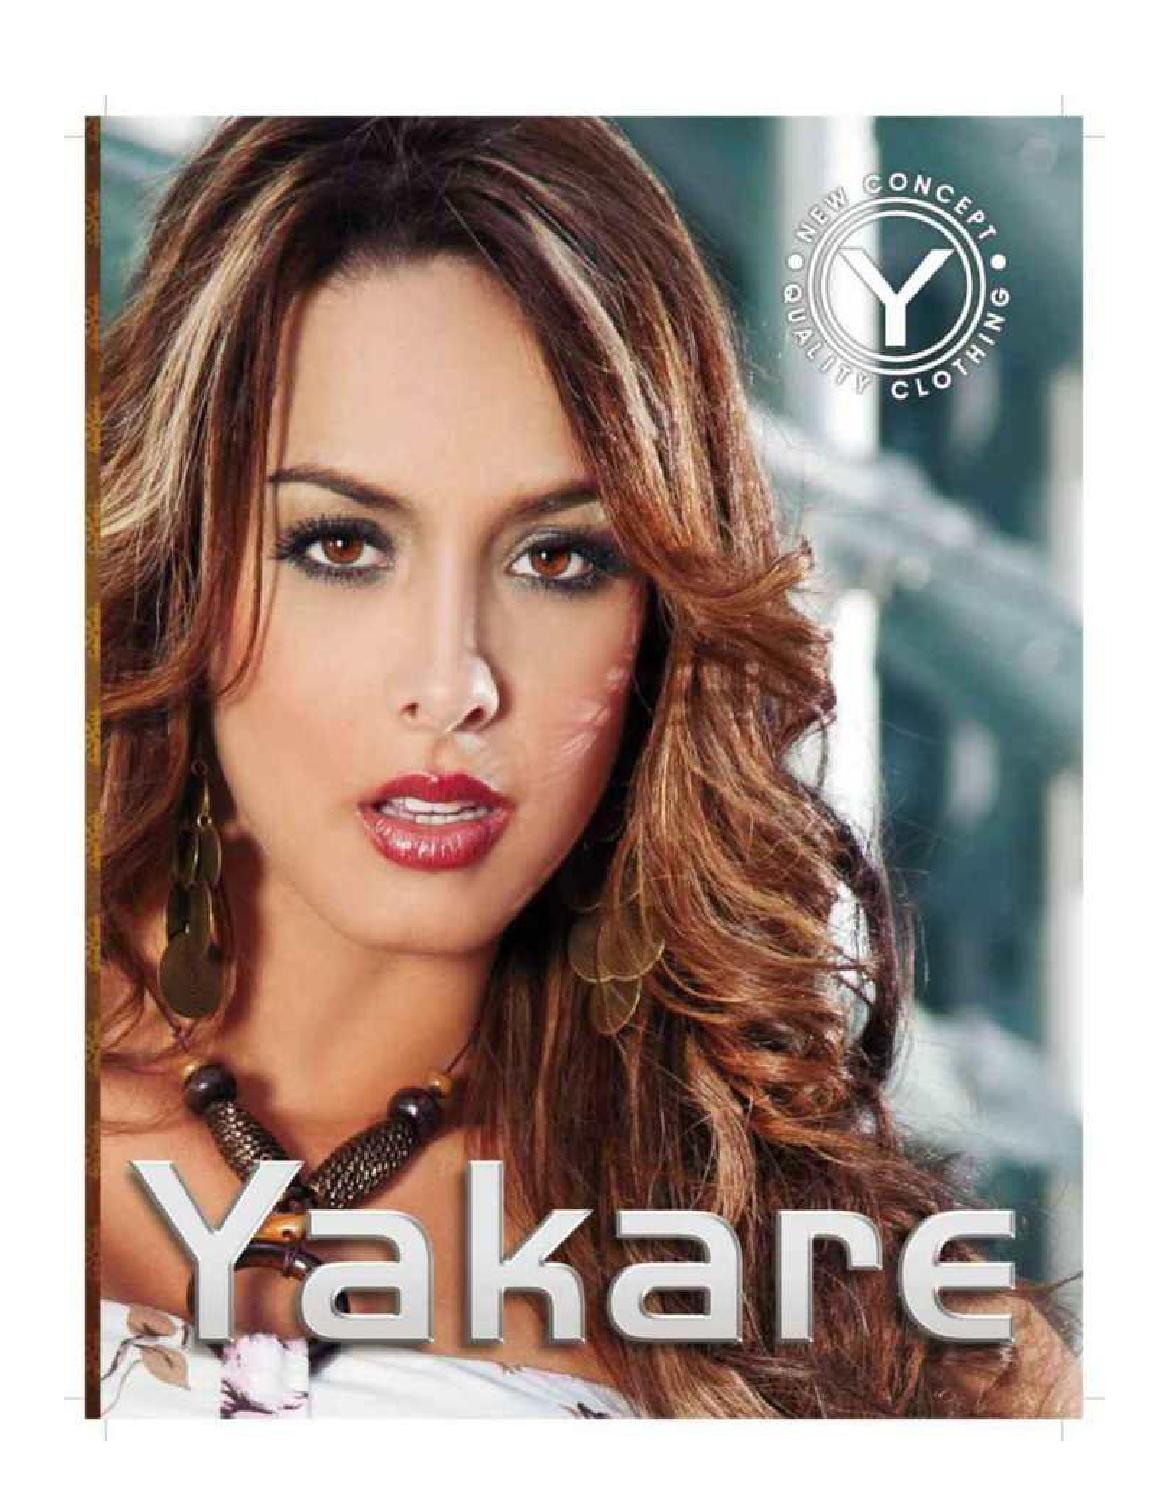 Catálogo Viche Yakare